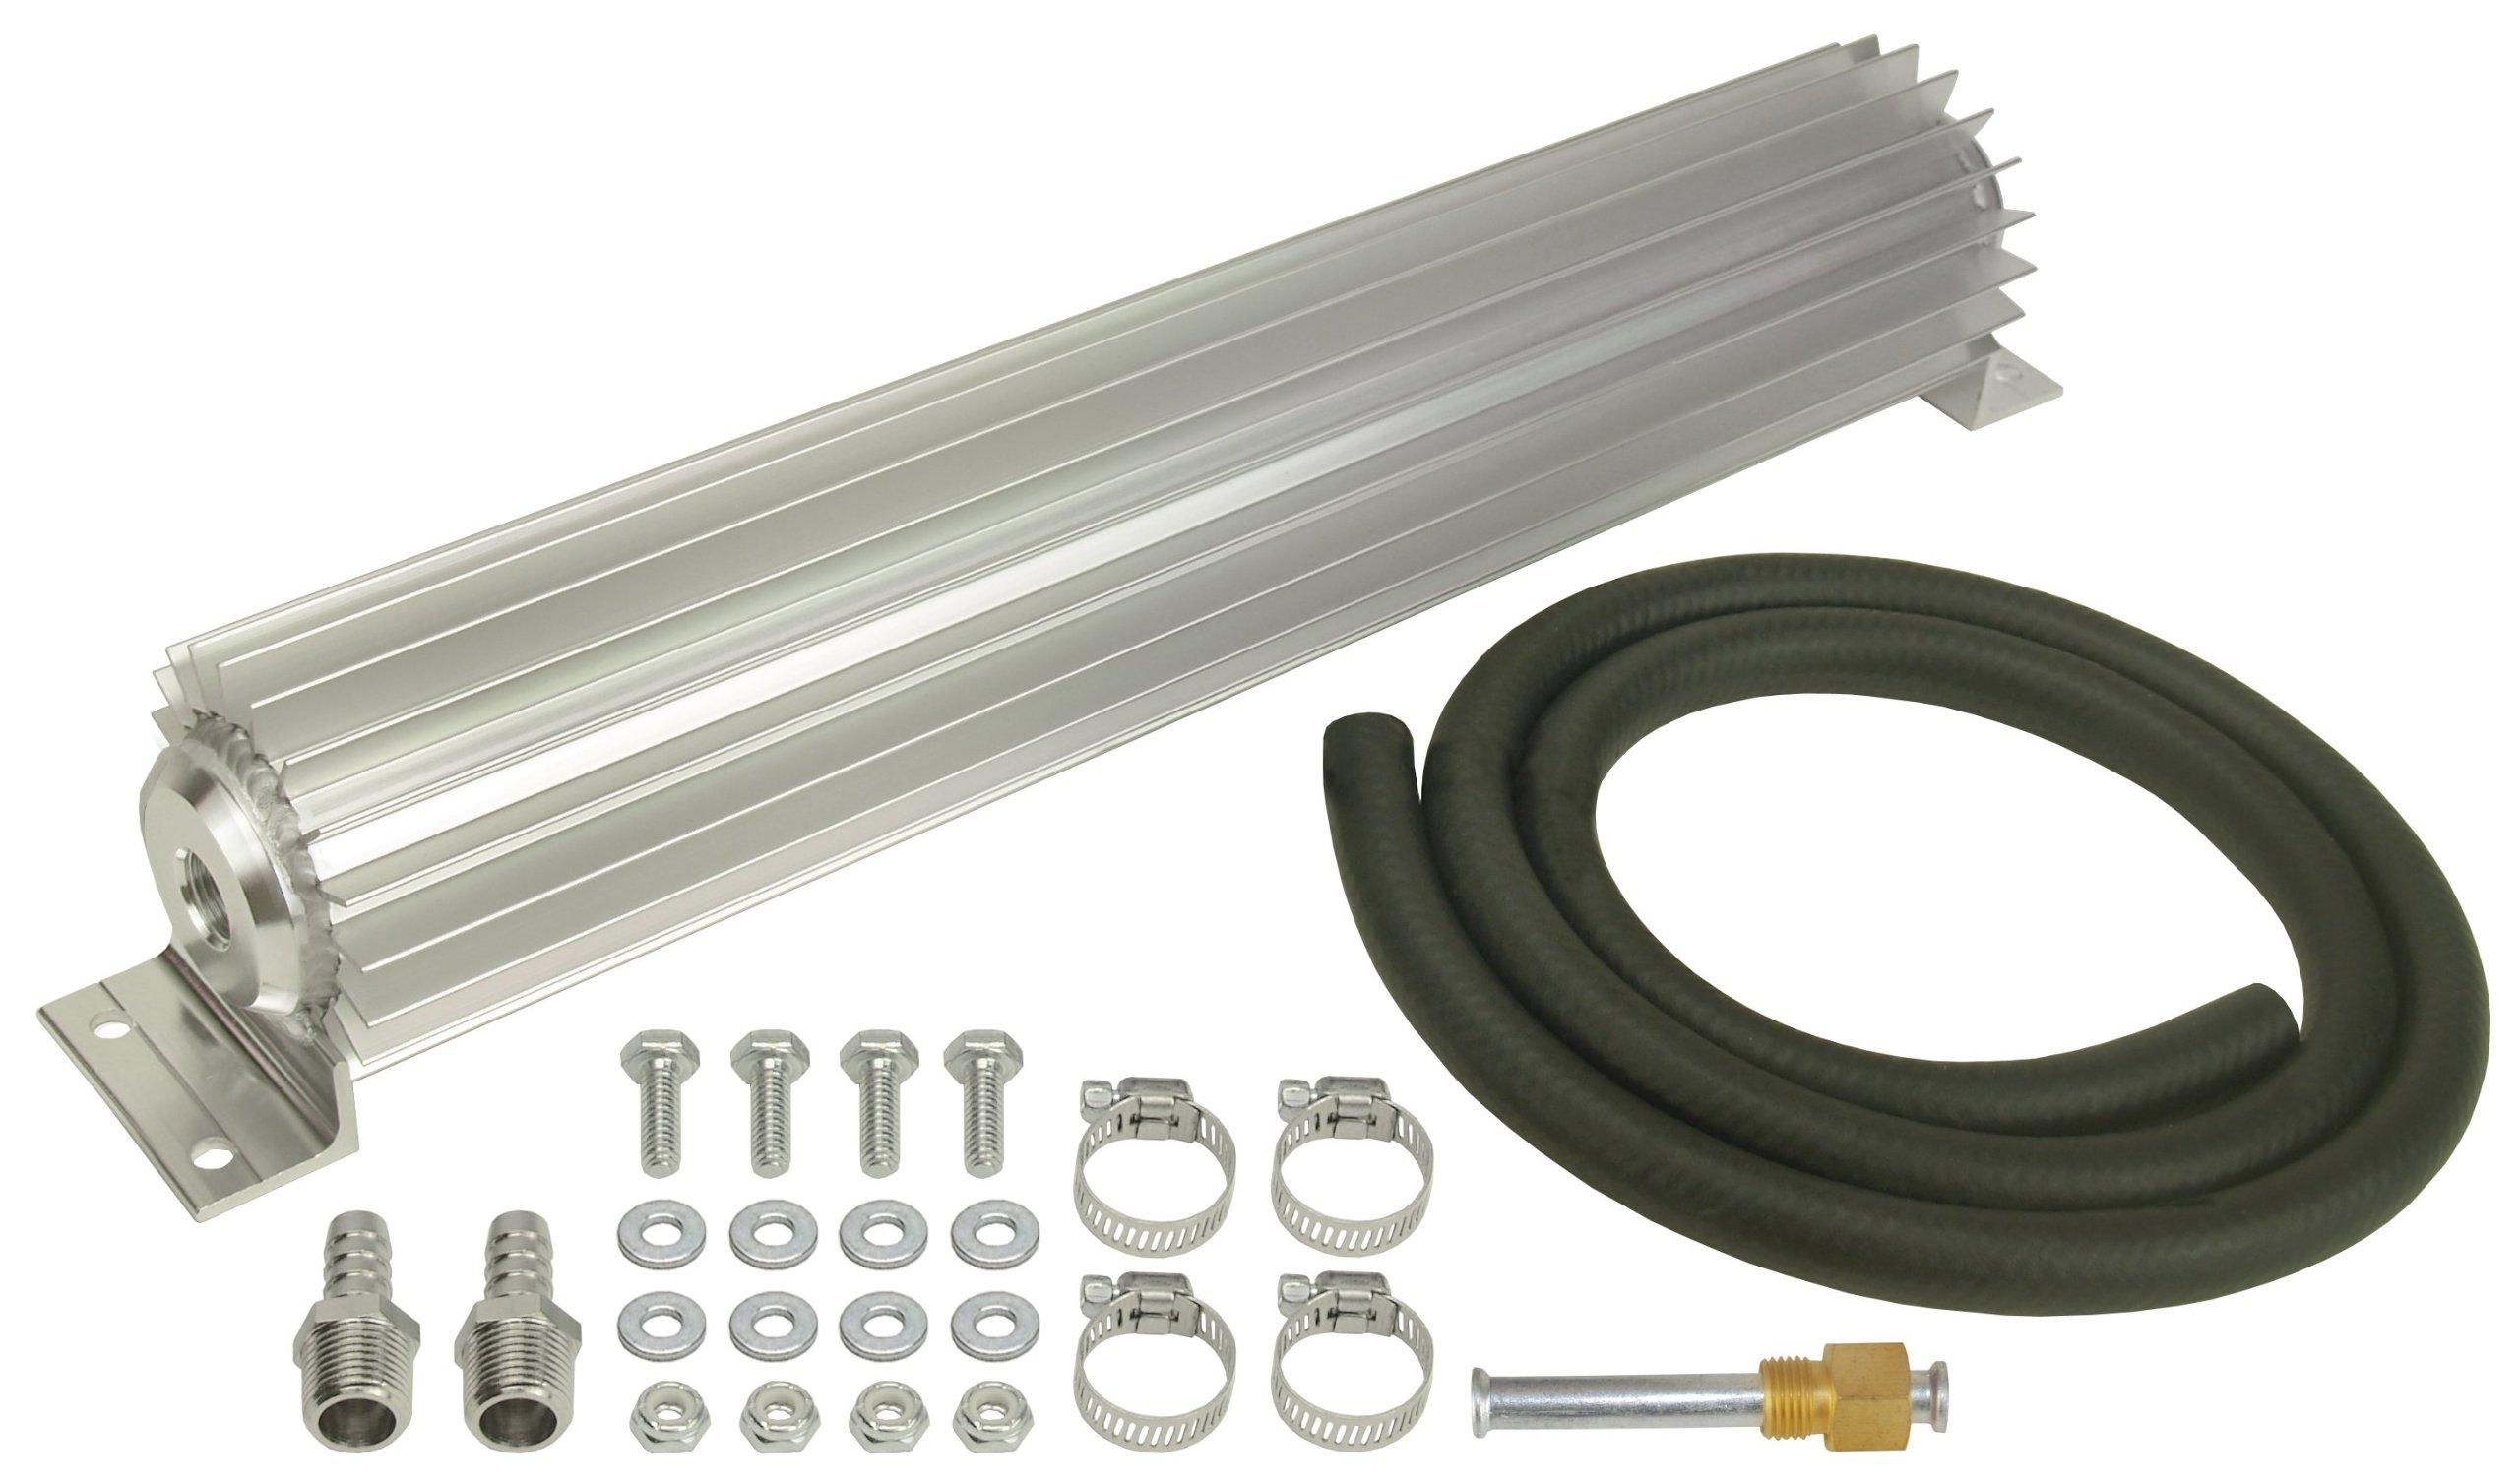 Derale 13254 Single Pass Aluminum Heat Sink Cooler by Derale